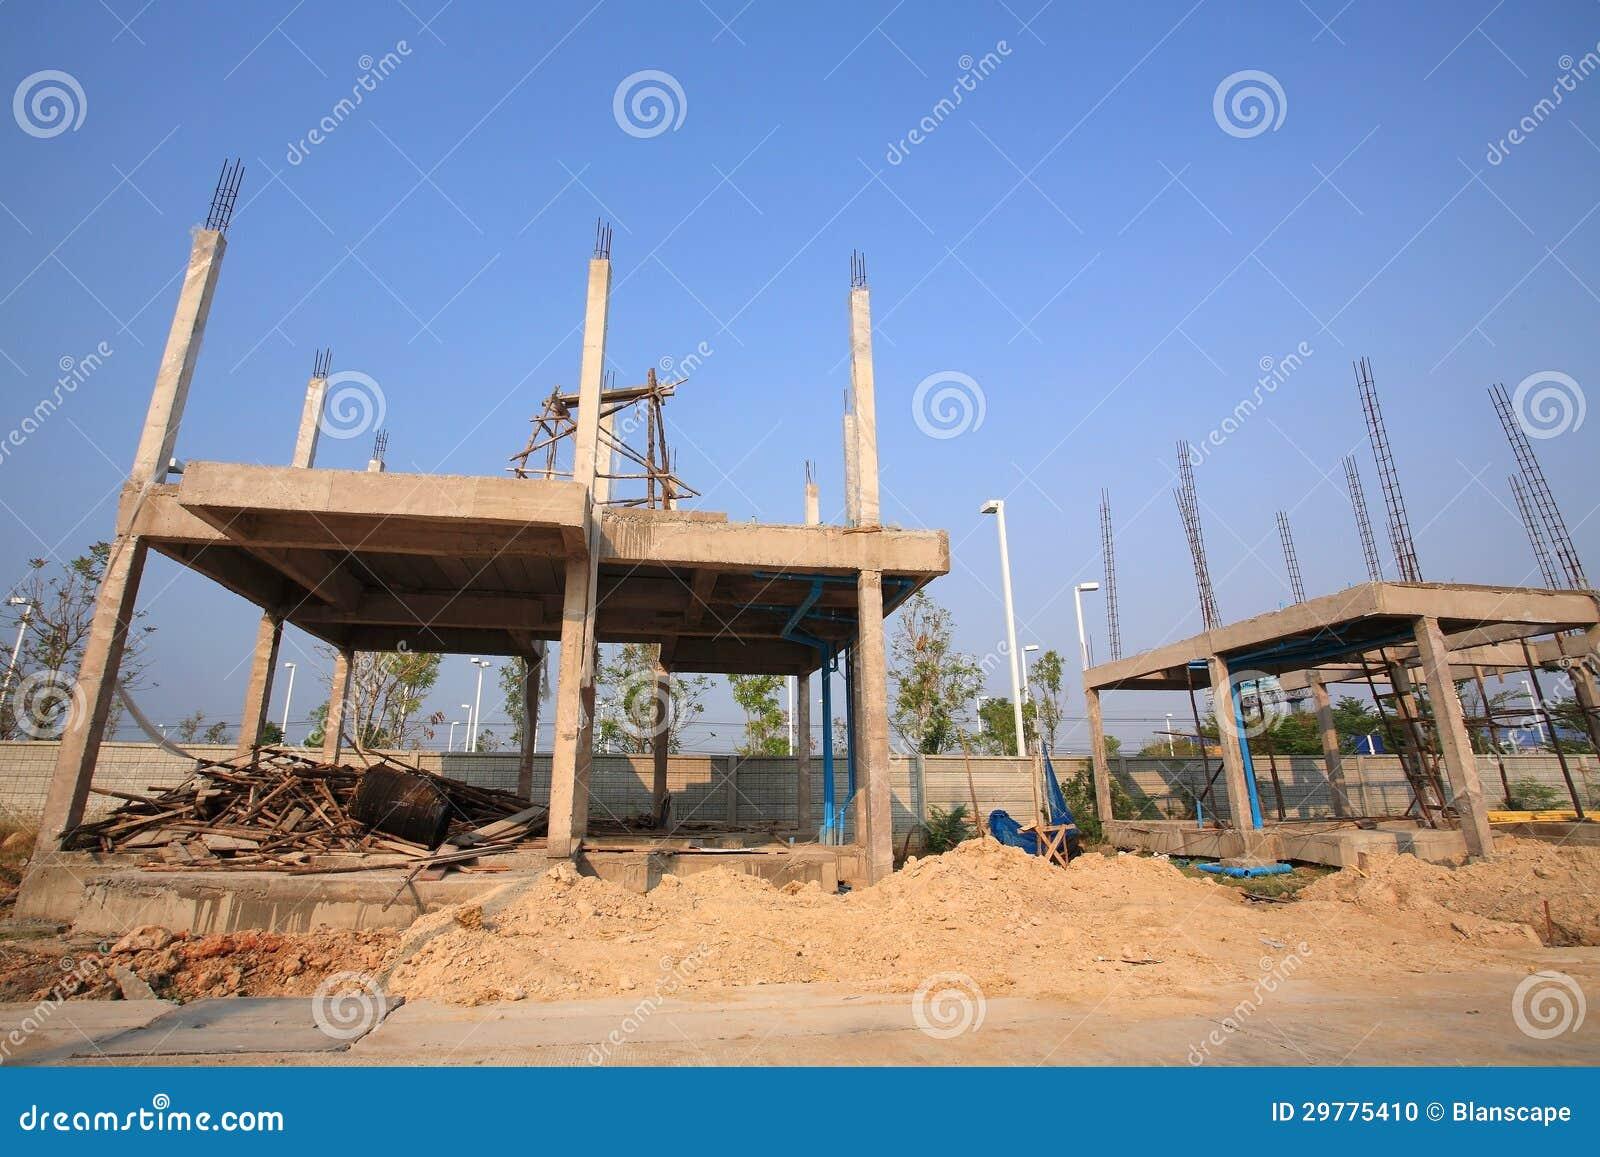 Infrastructure de b timent en construction photo stock for Batiment en construction